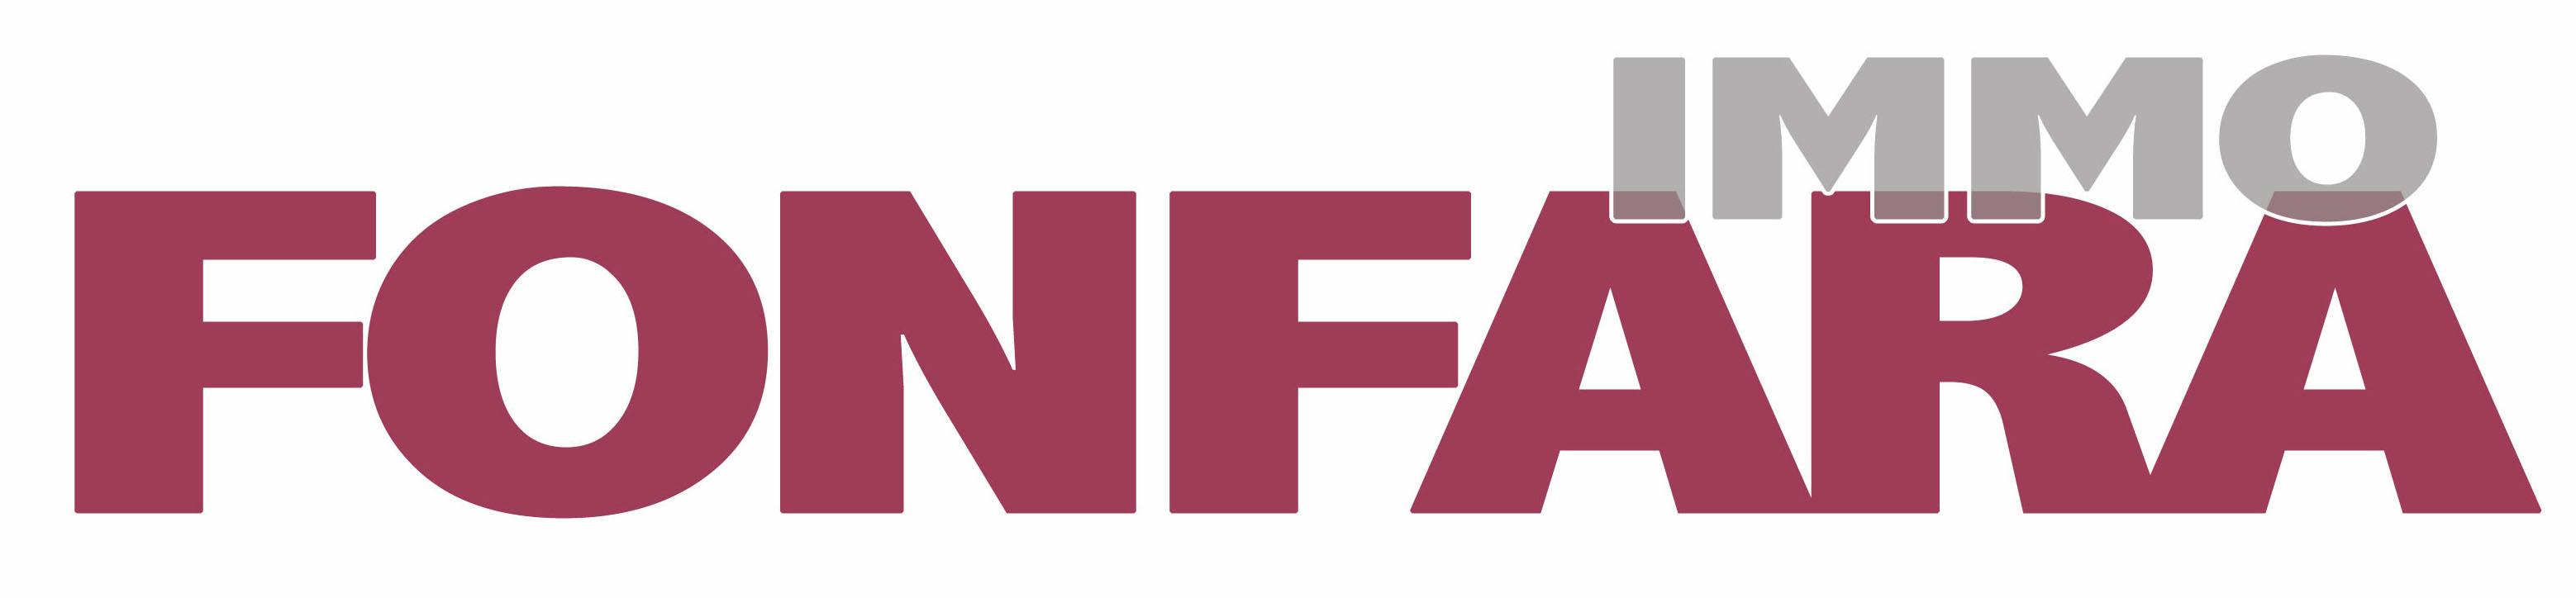 Hier sehen Sie das Logo von Fonfara Betreuungsgesellschaft mbH